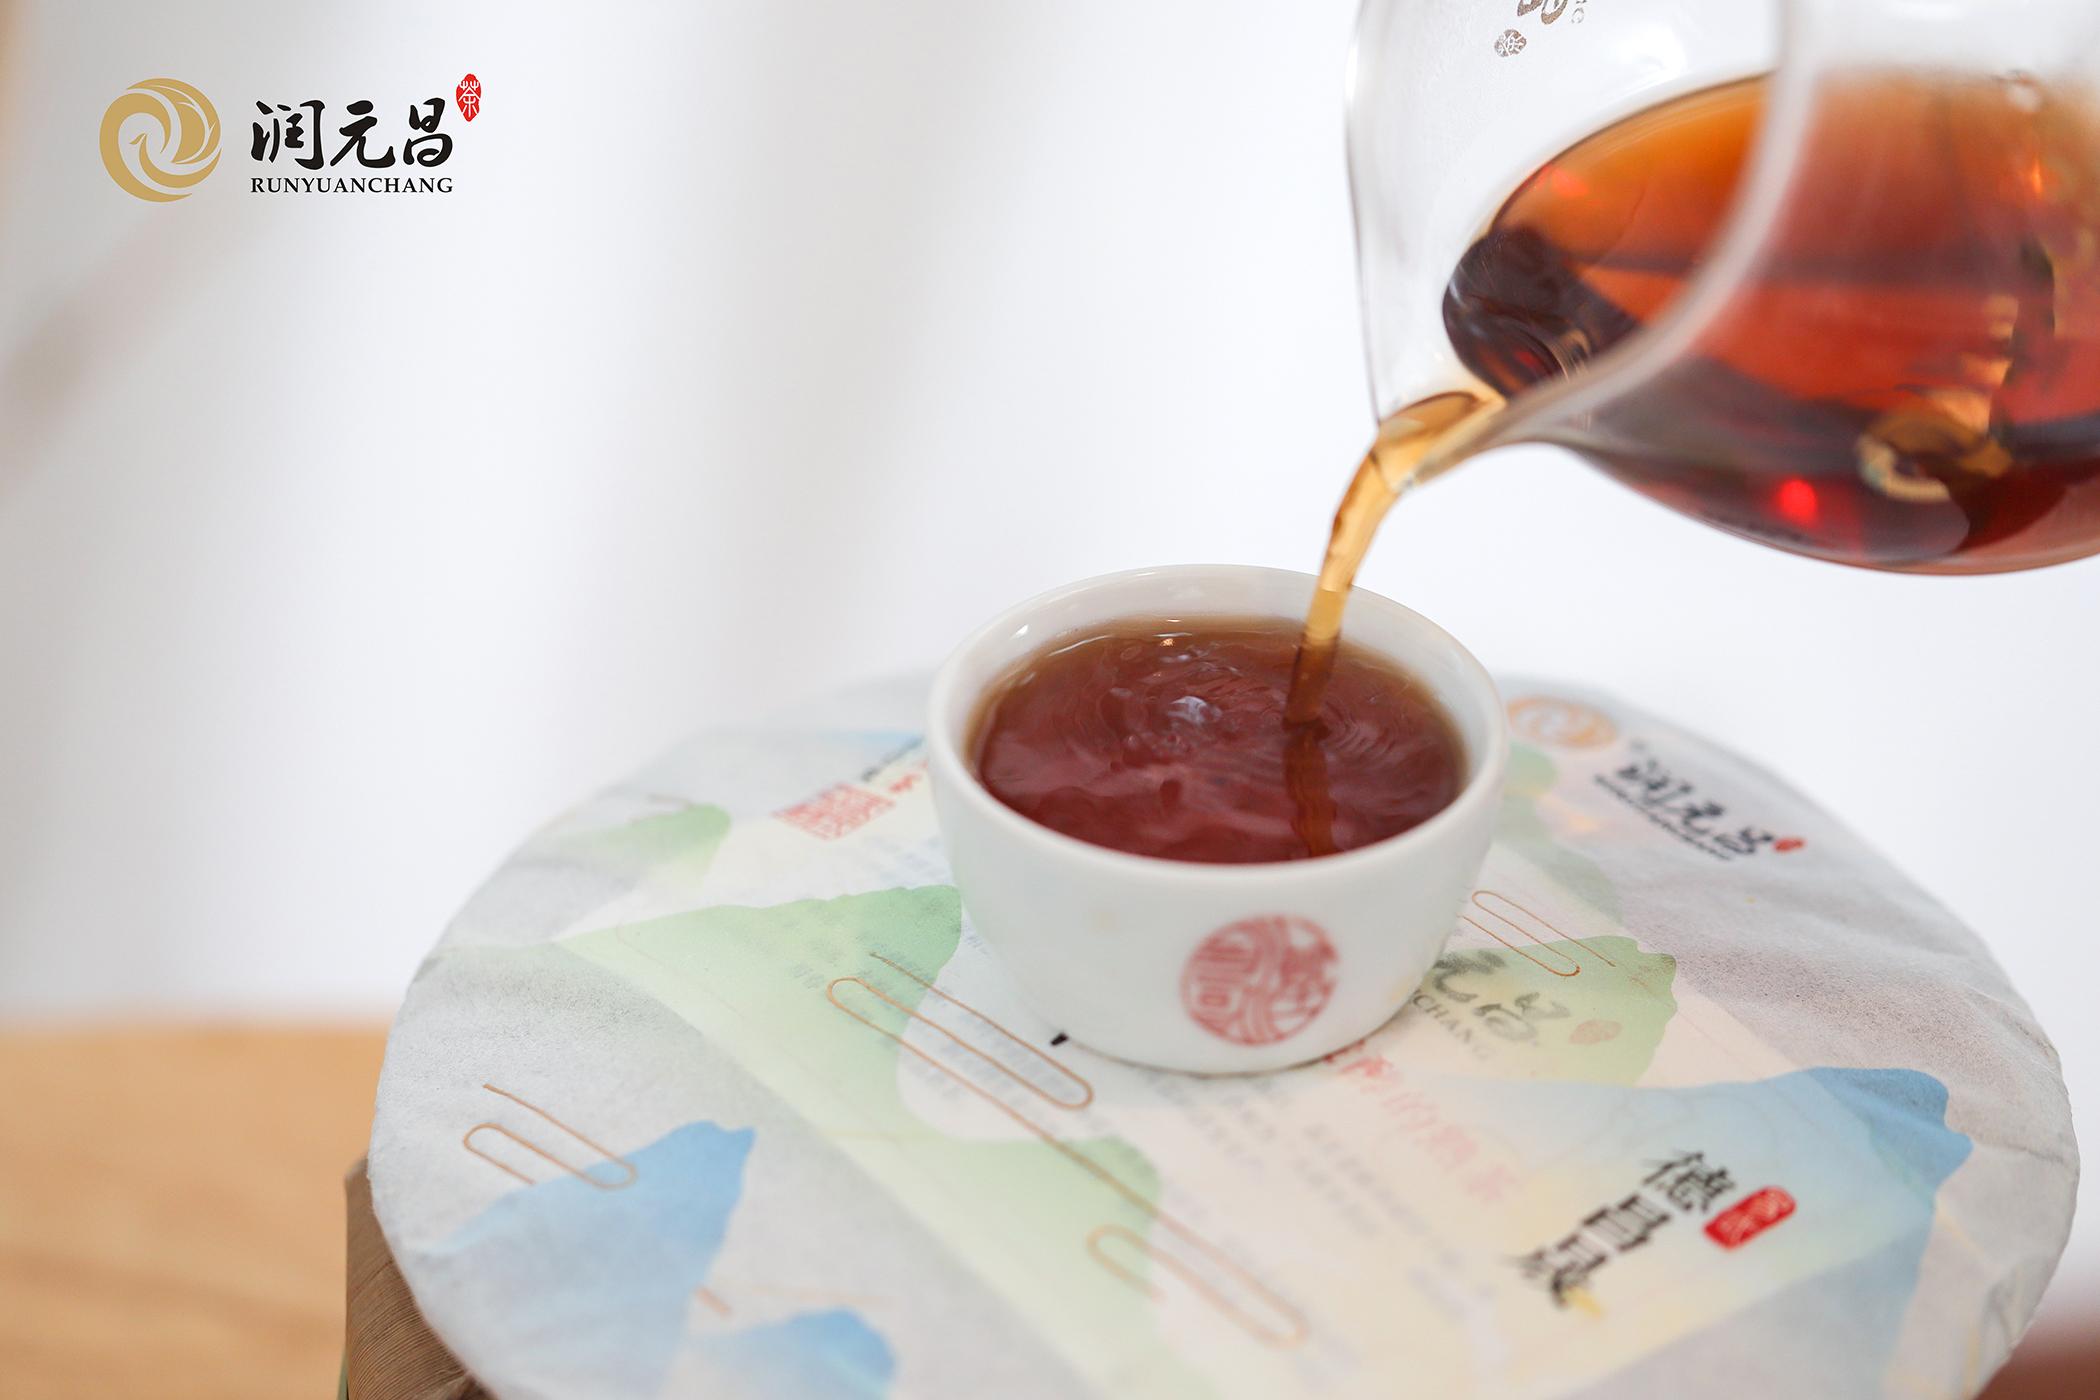 普洱茶加盟店-润元昌